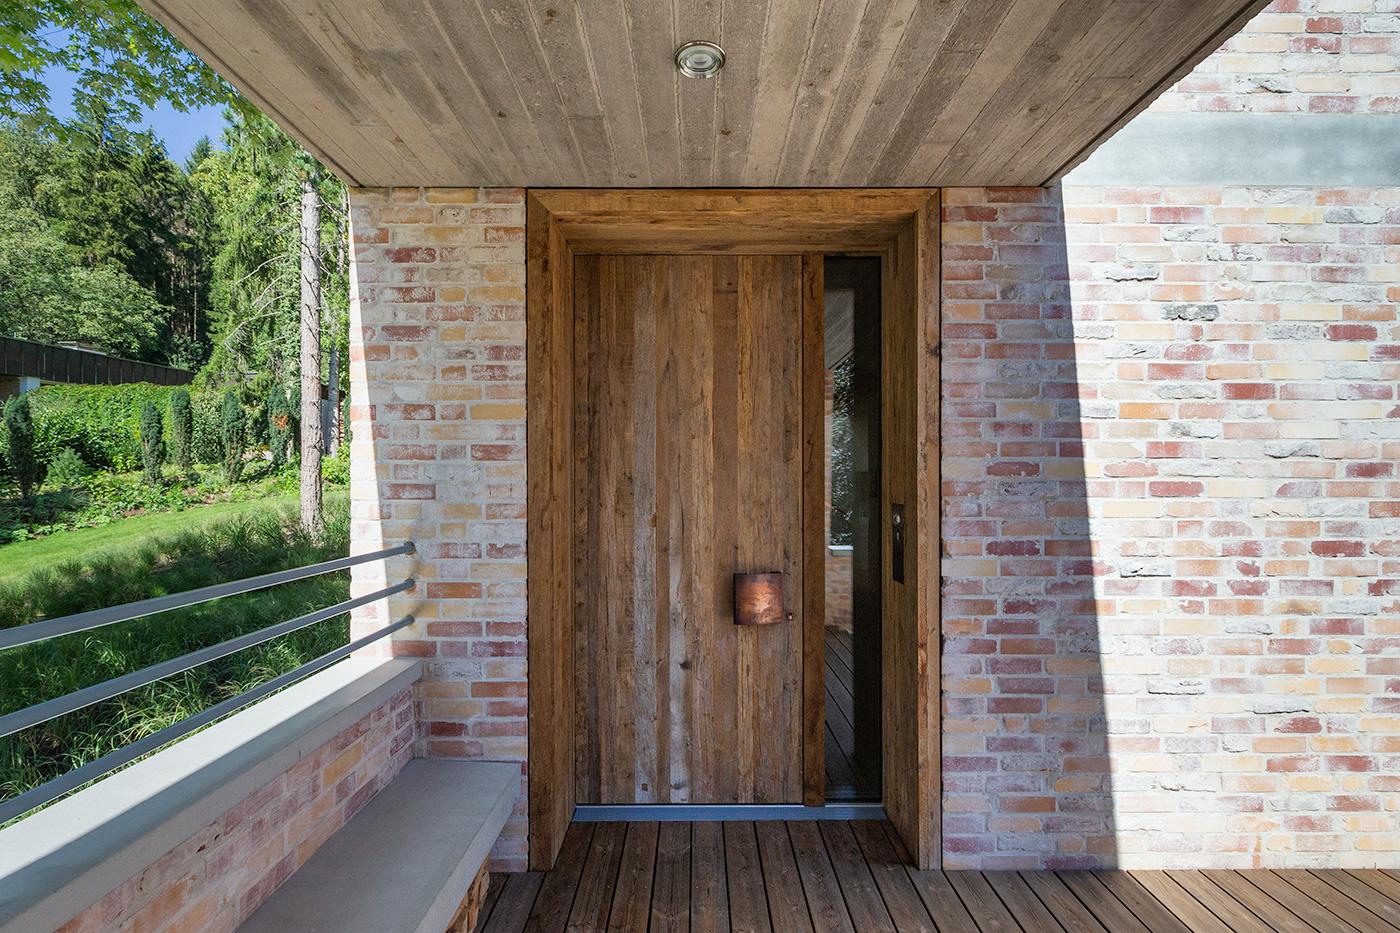 Eiche Eingangstür mit Altholz Türblatt und Futter, flächenbündige Ausführung (innen und außen)